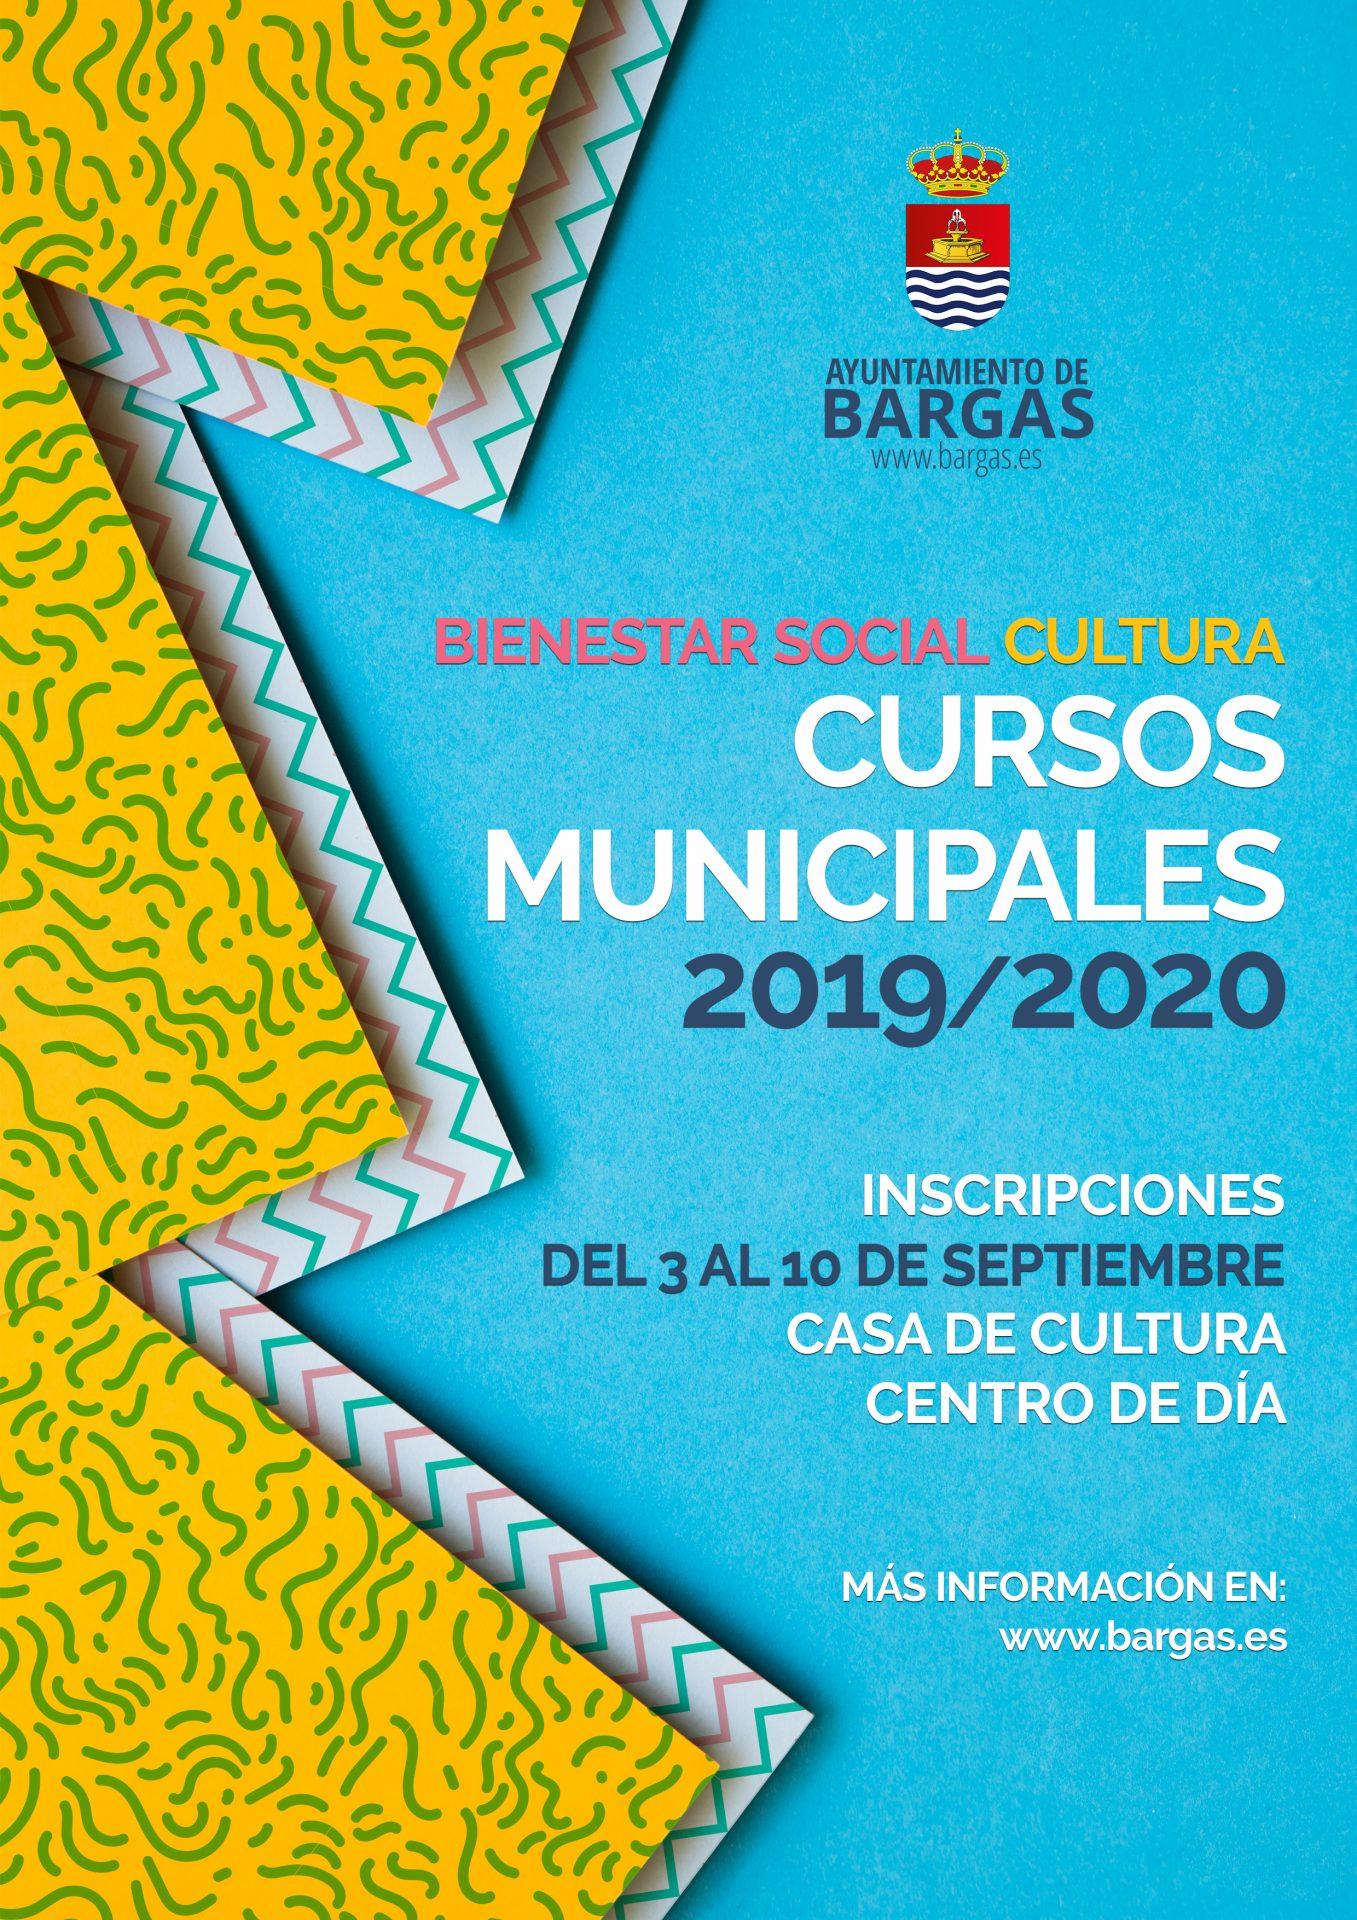 Cursos Municipales 2019